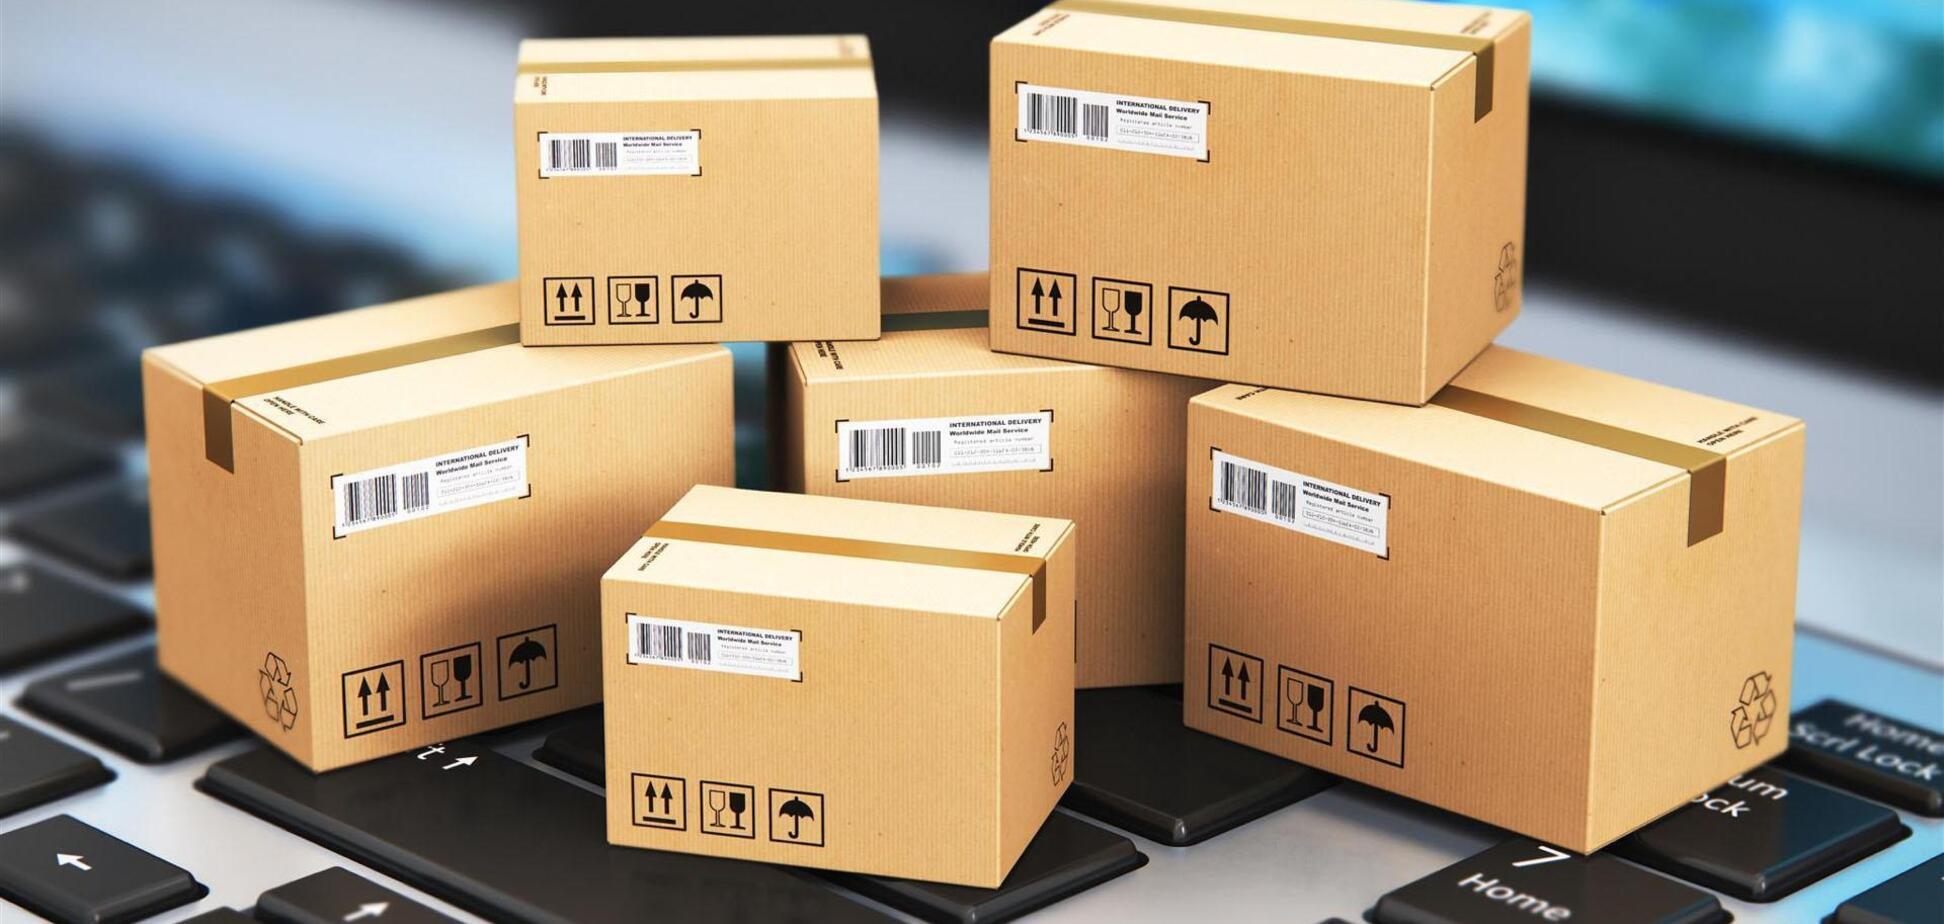 Зміни законодавства щодо поштових послуг встановлюють монополію – звіт